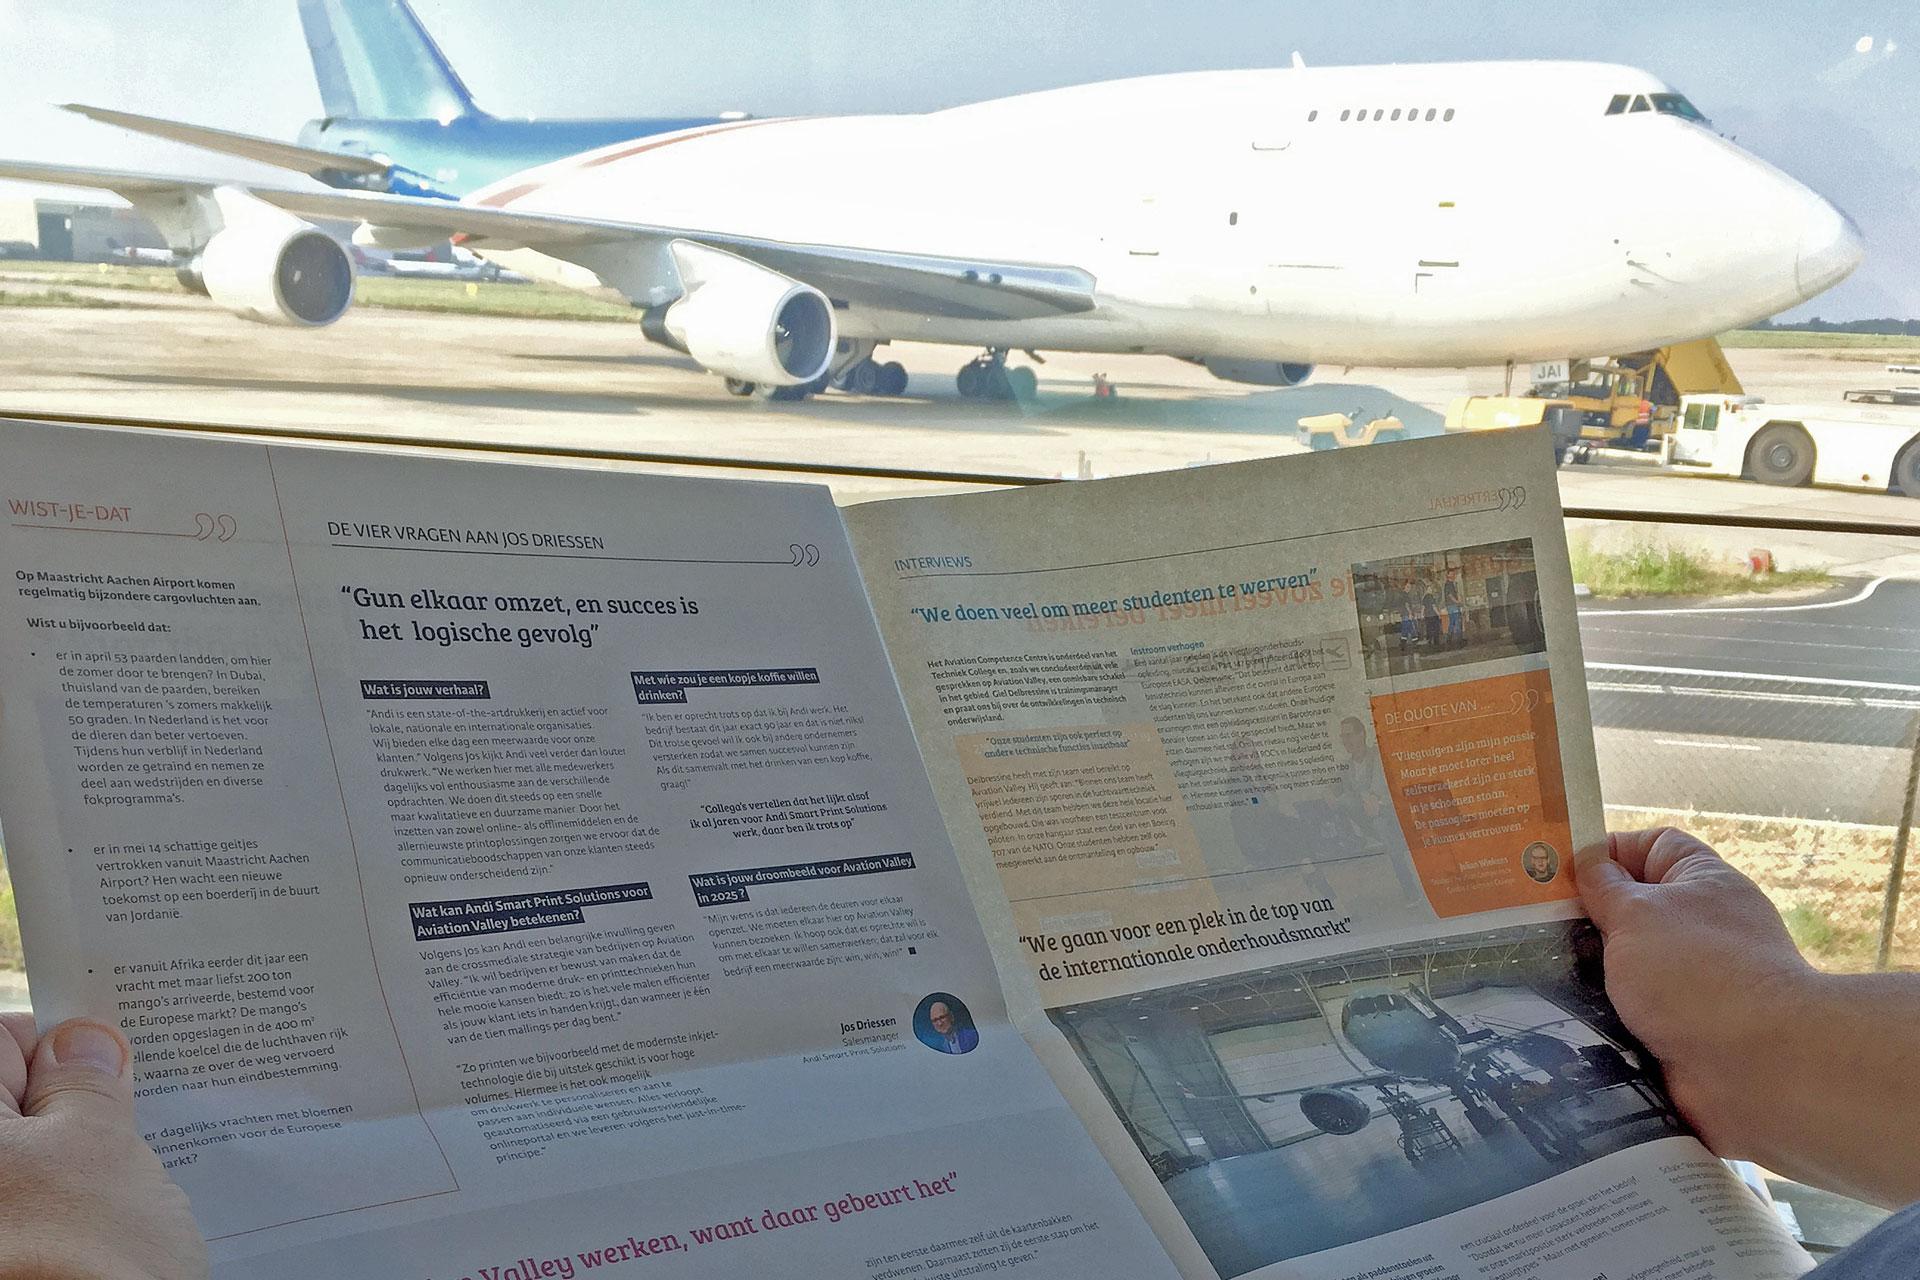 Nieuwe kwartaalkrant 'Quotes' made by Andi, van en voor ondernemers Aviation Valley.